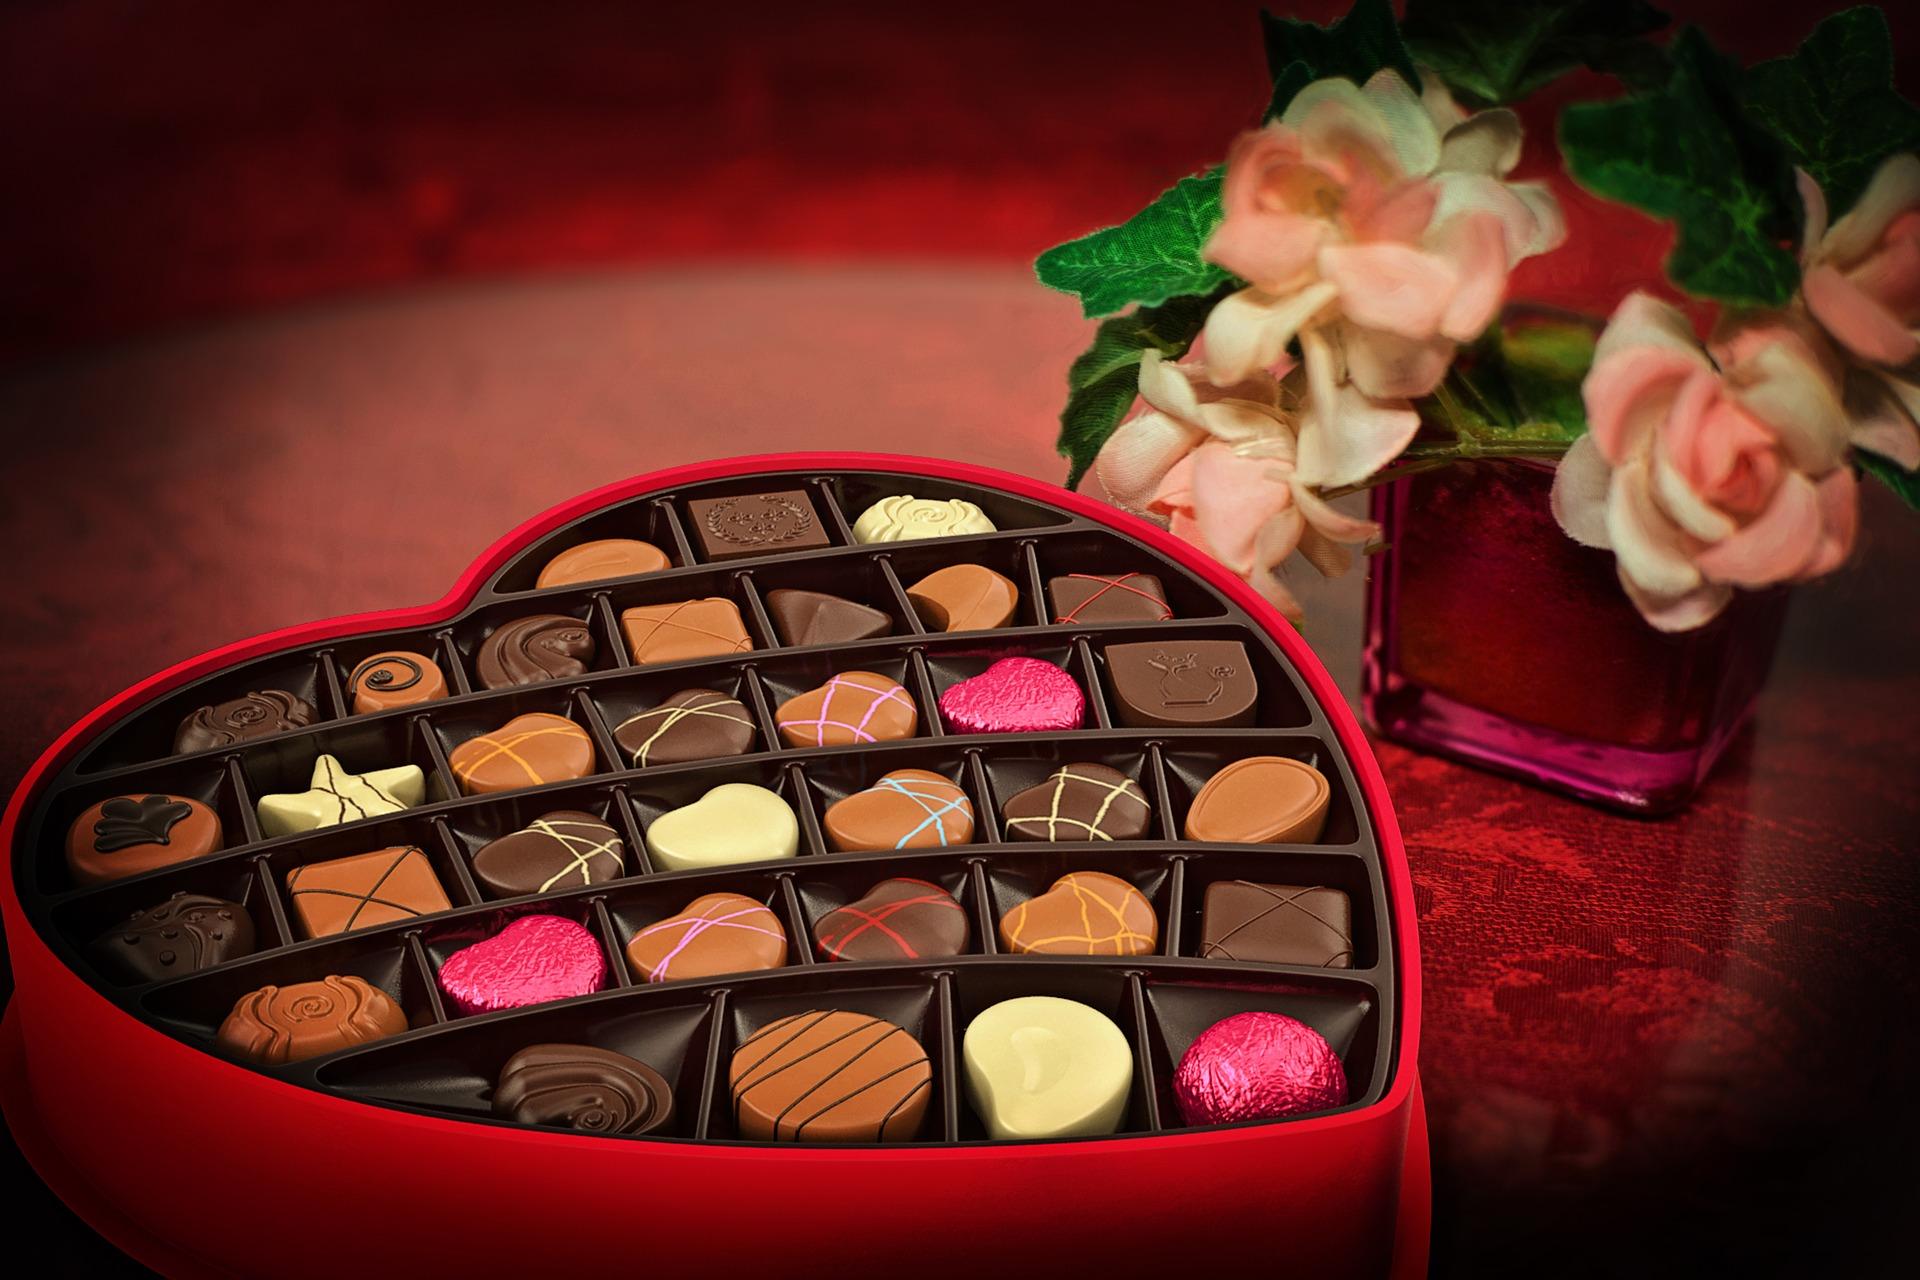 st-valentin (2)